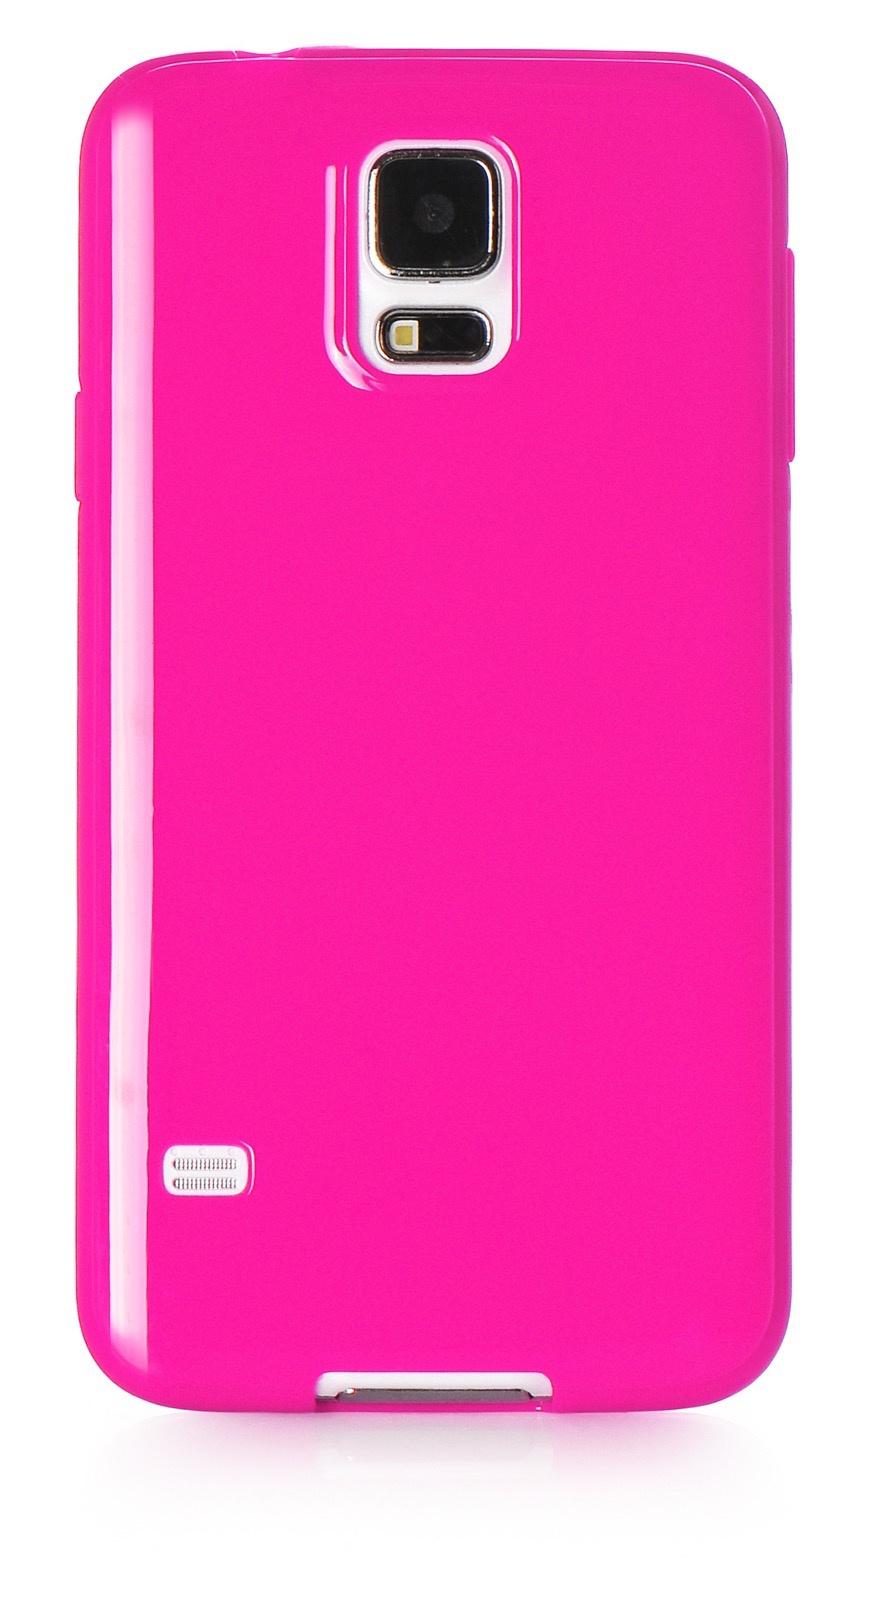 Чехол для сотового телефона iNeez накладка силикон мыльница 530096 для Samsung Galaxy S5, темно-розовый